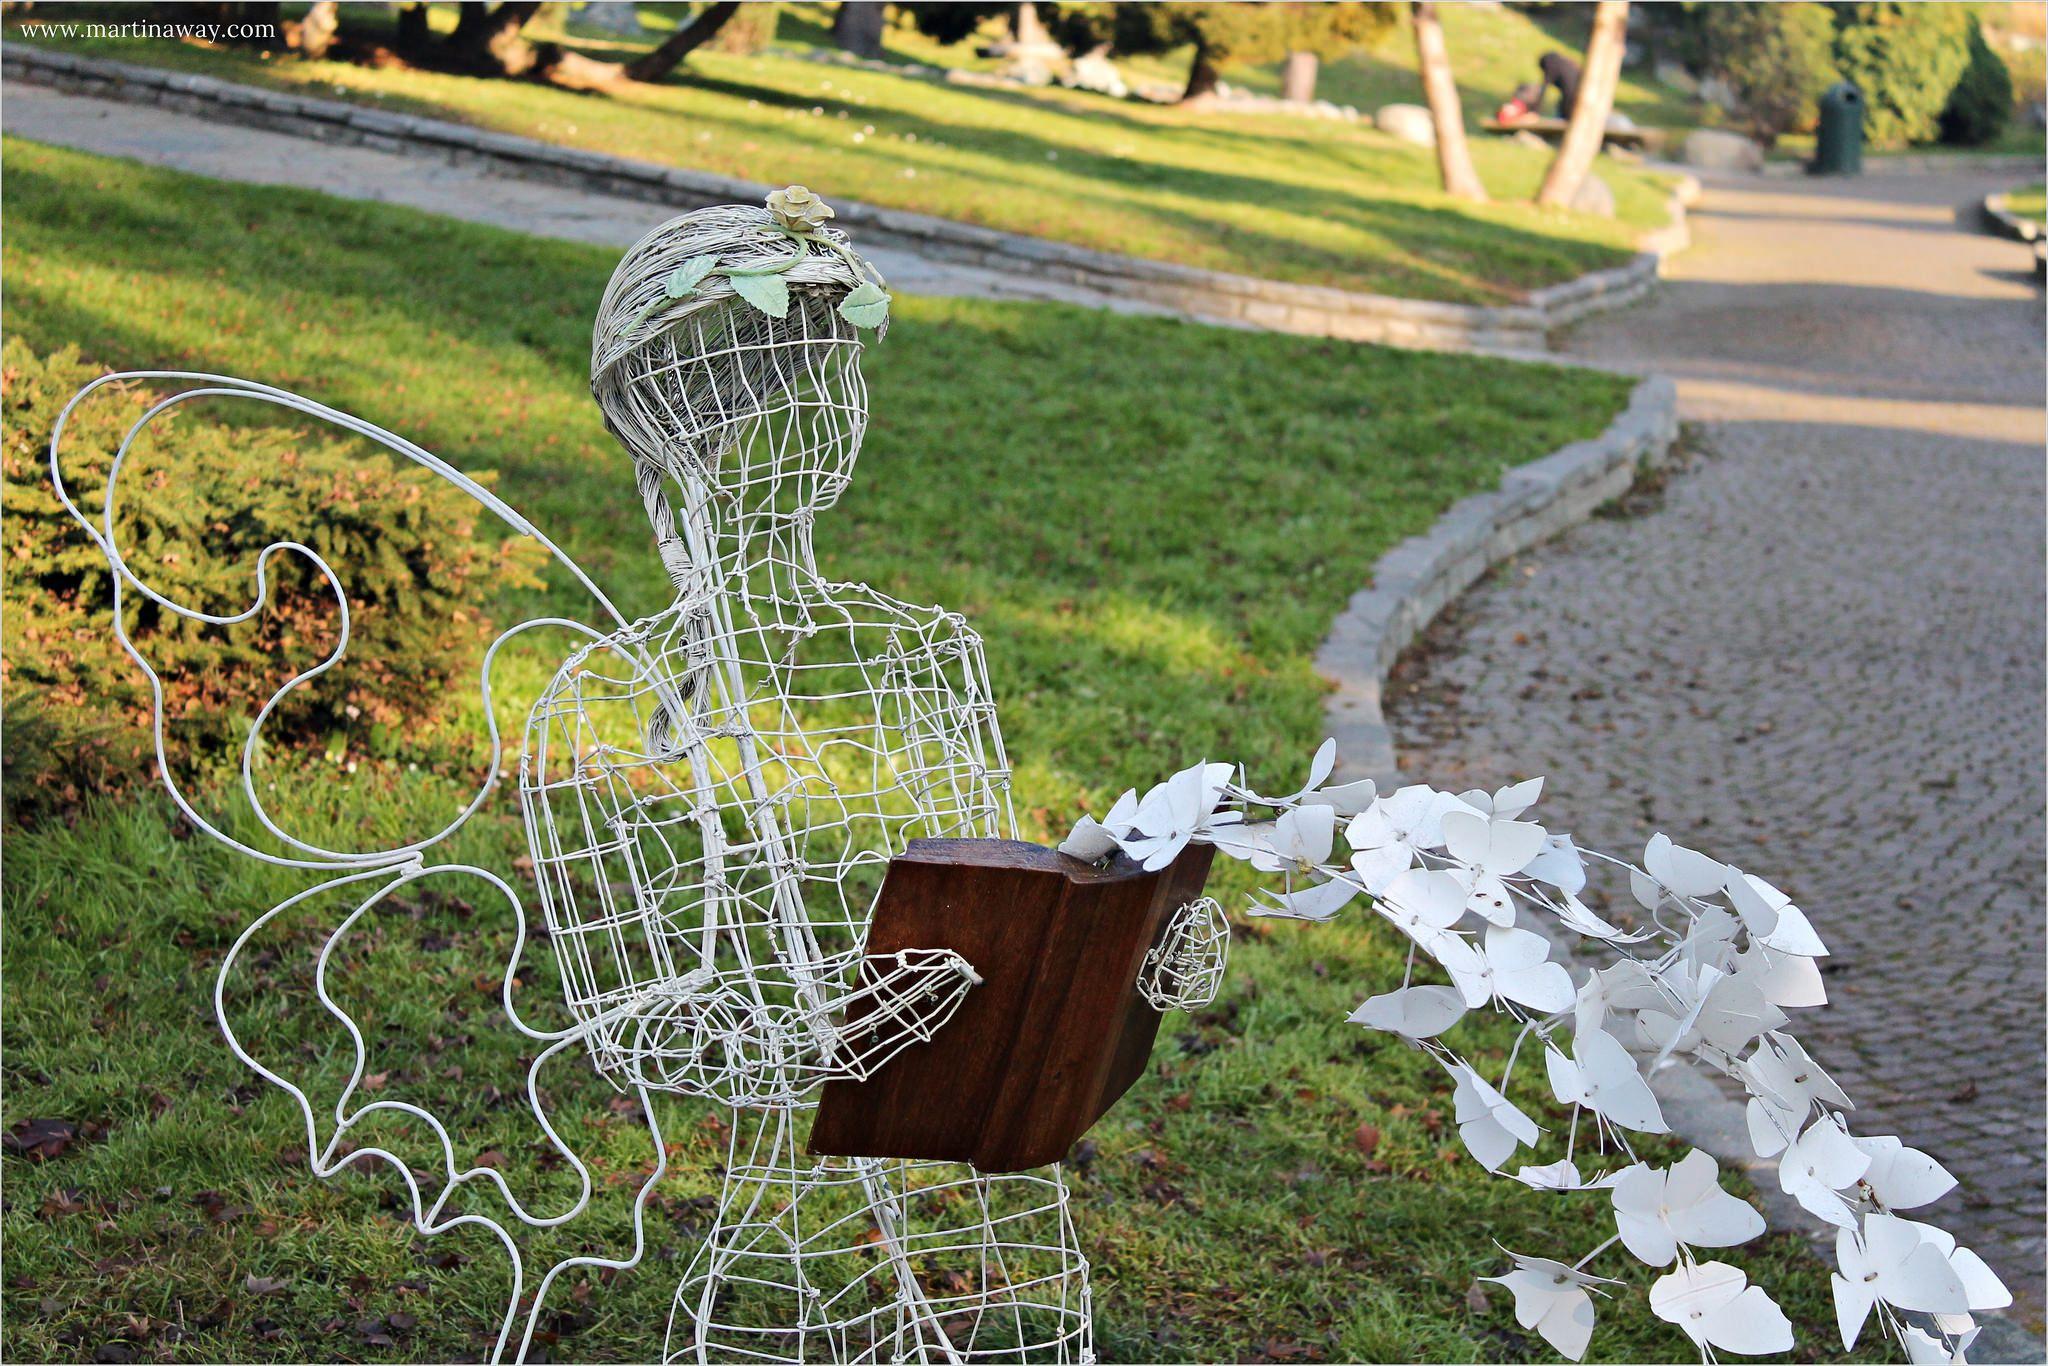 Parco Del Valentino Martina Sgorlon Torino Sculture Da Giardino Fotografie Di Viaggio